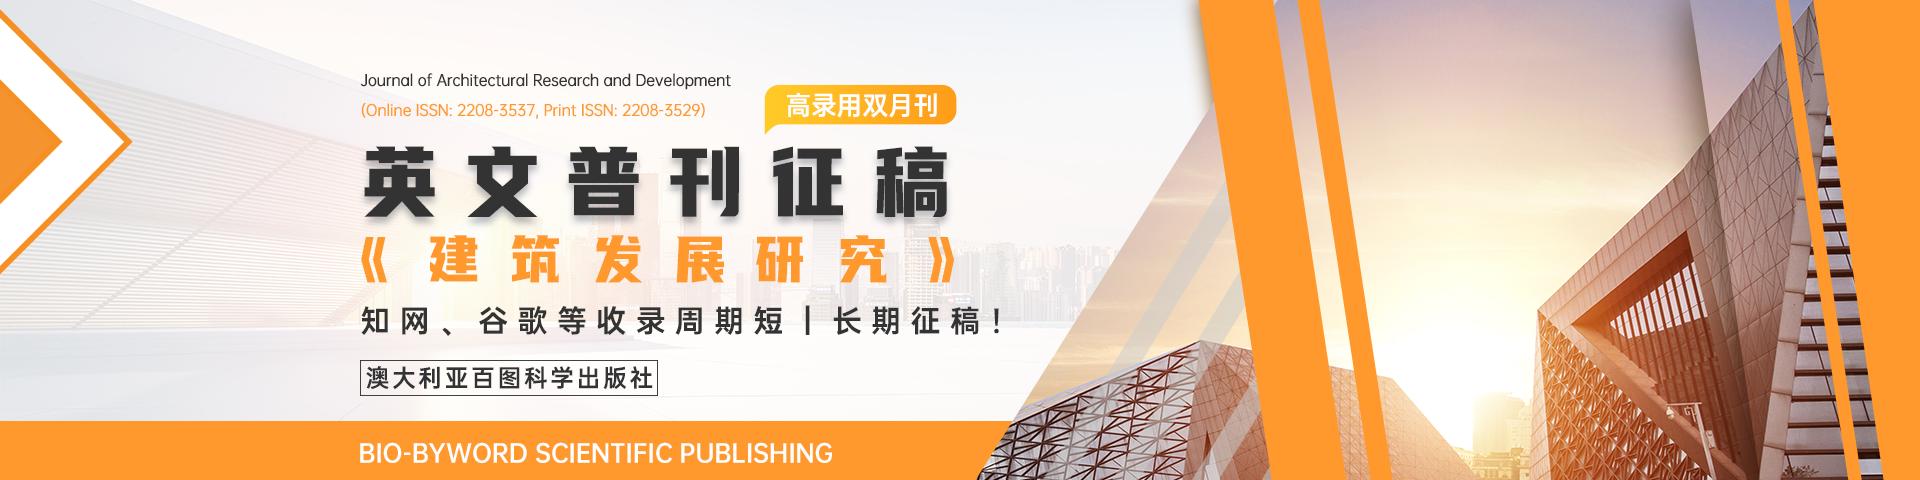 英文普刊征稿-《建筑发展研究》-艾思banner-何雪仪-20210827.png